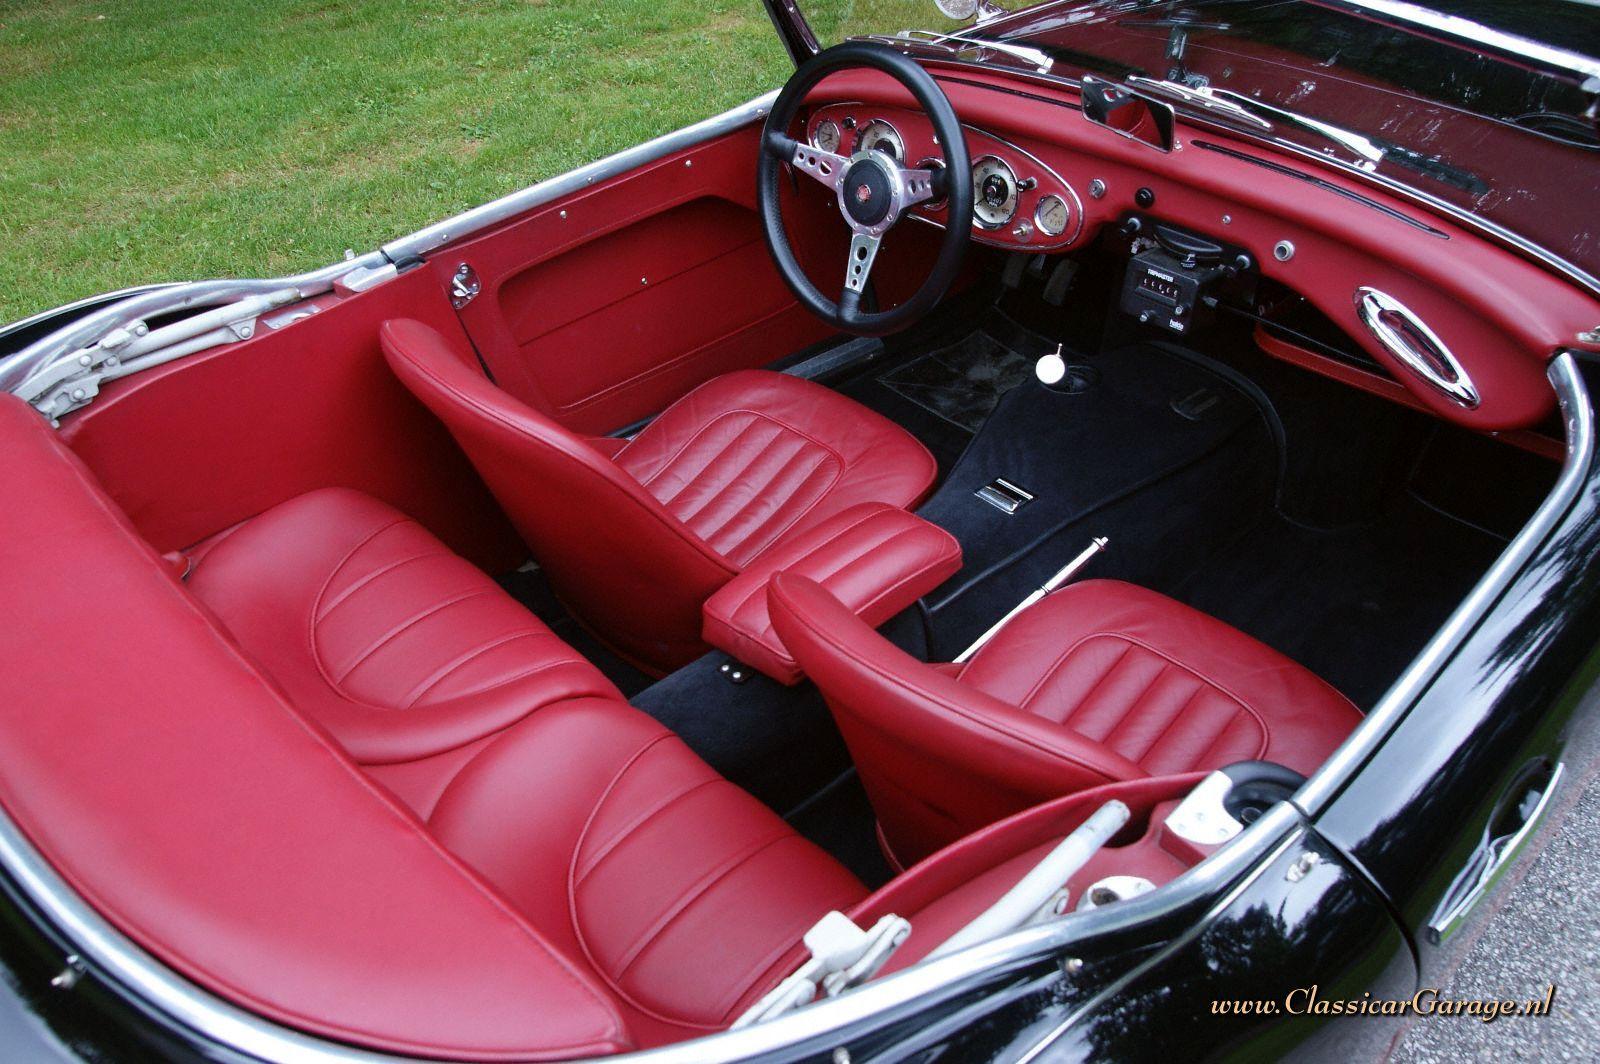 austin healey 3000 mk i 1960 details. Black Bedroom Furniture Sets. Home Design Ideas